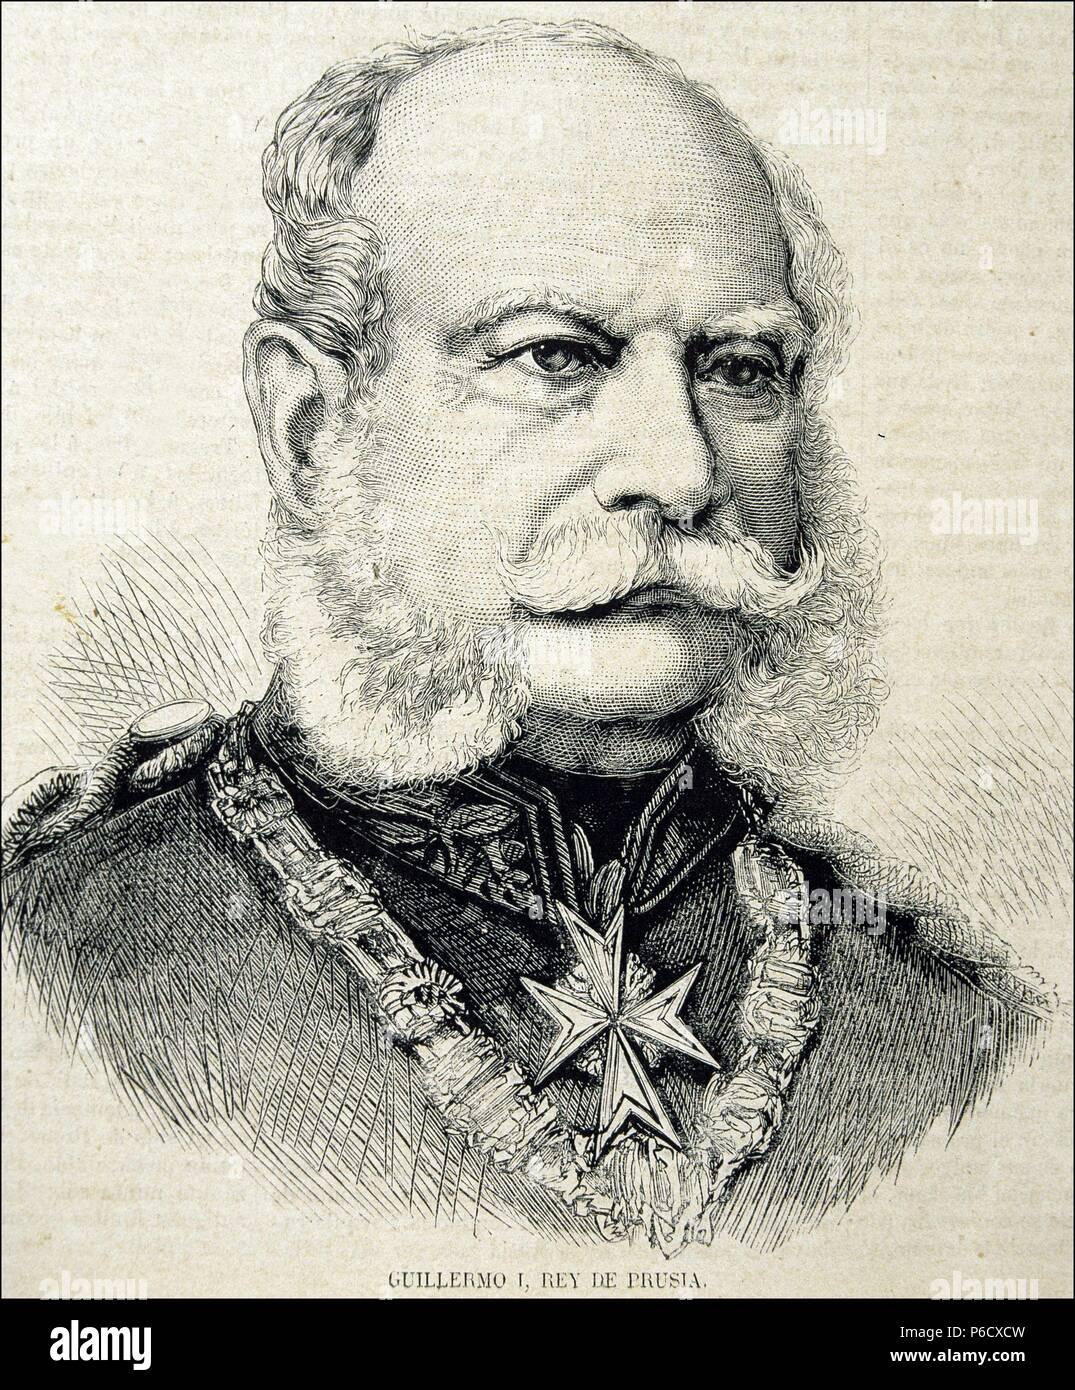 GUILLERMO I. REY DE PRUSIA. 1861 - 1888. GRABADO RETRATO DE LA ILUSTRACION ESPAÑOLA Y AMERICANA. - Stock Image